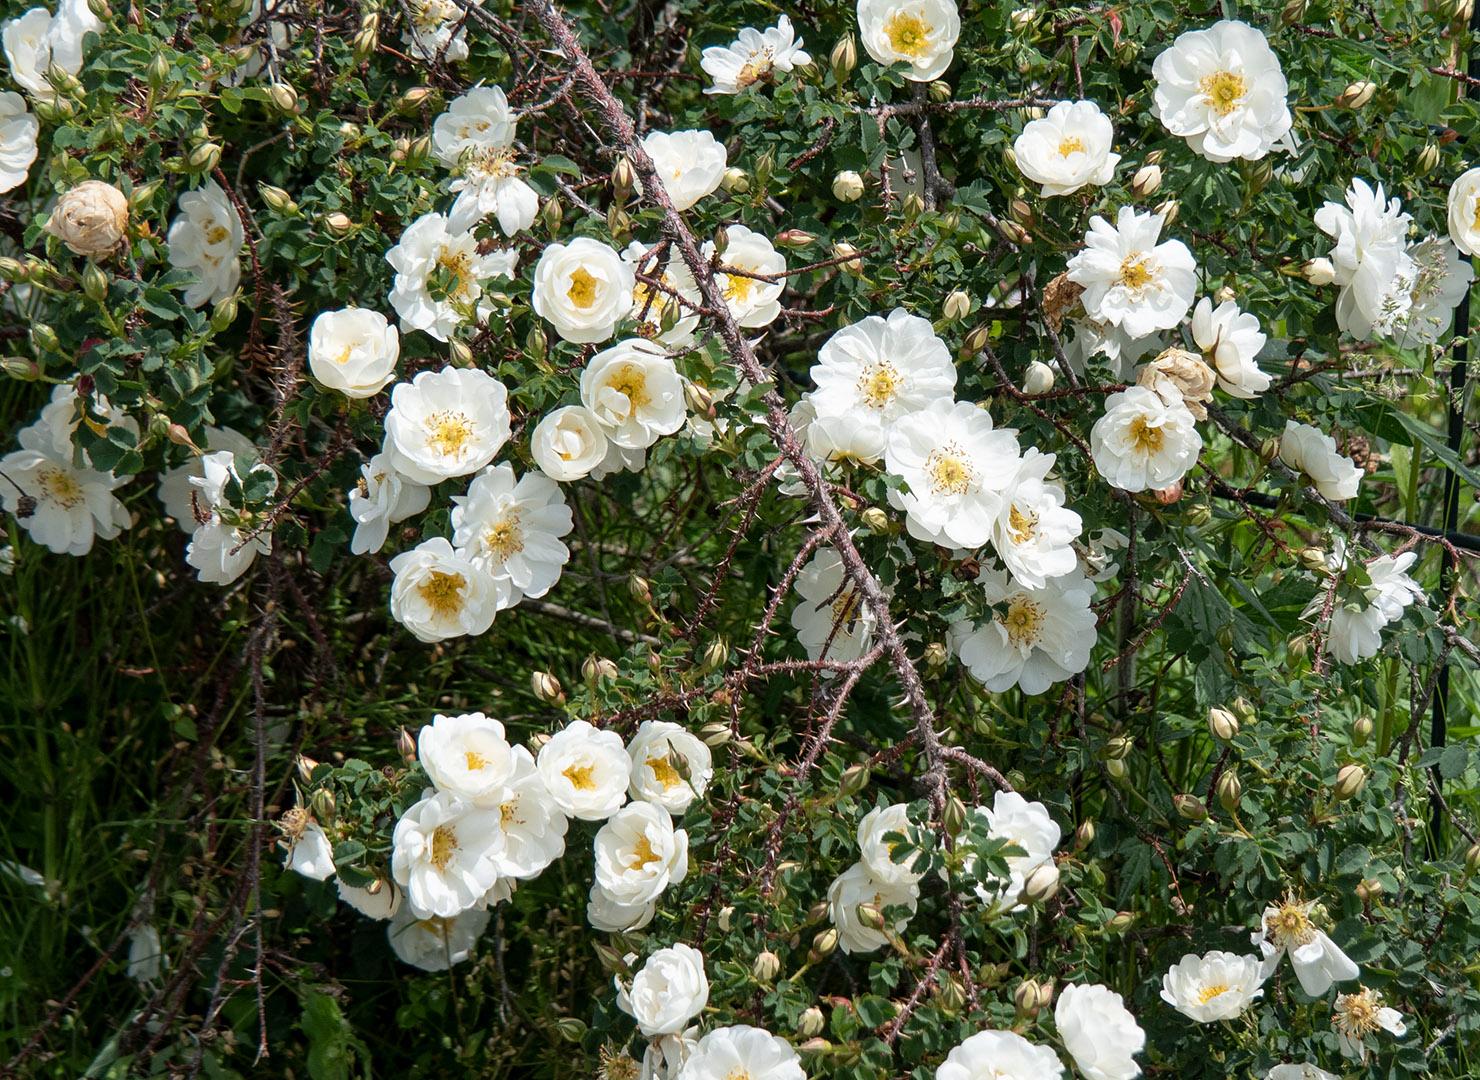 ロサ スピノシシマ ダブル ホワイト - Rosa spinosissima Double White